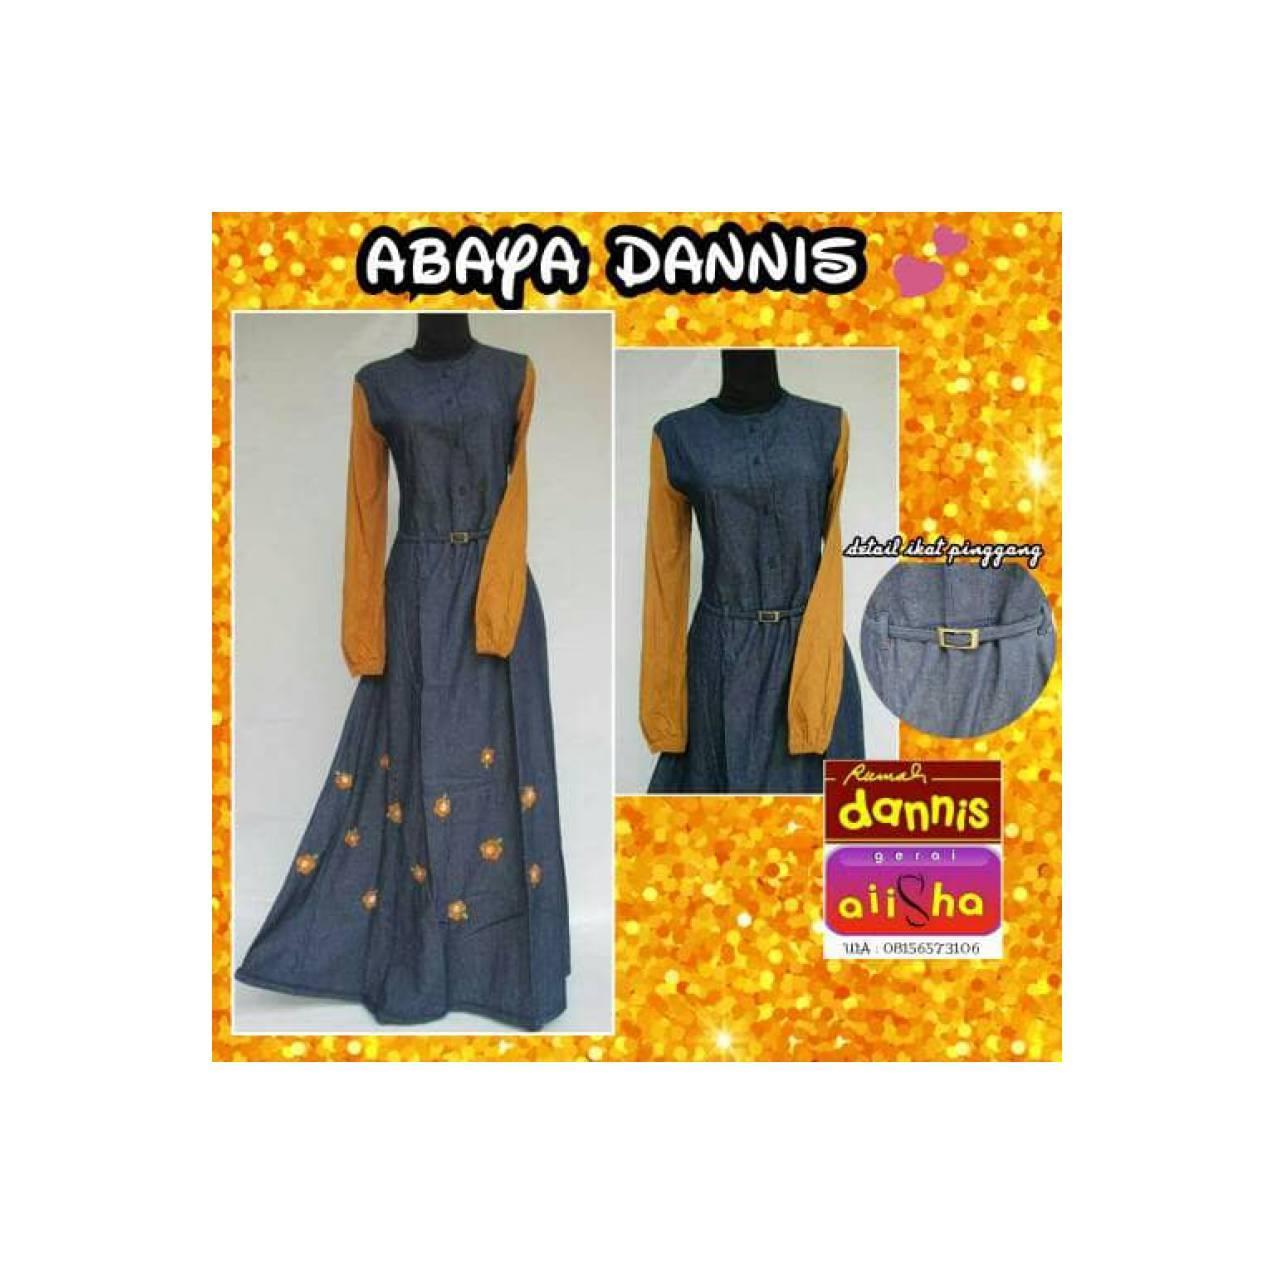 Abaya Dannis XL